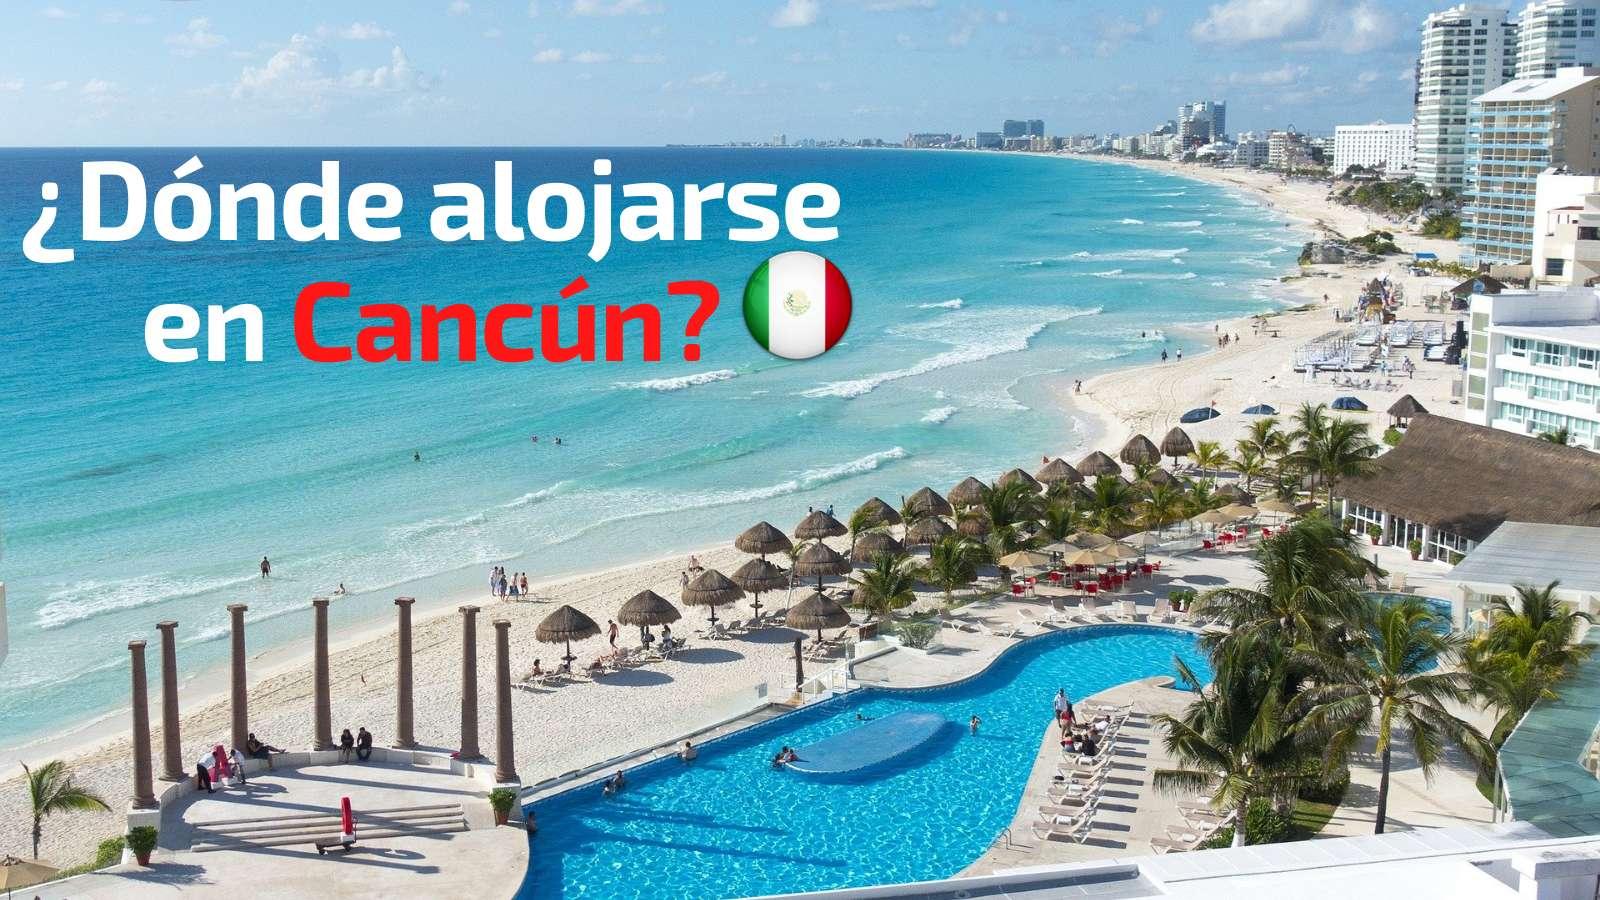 Donde alojarse en Cancun